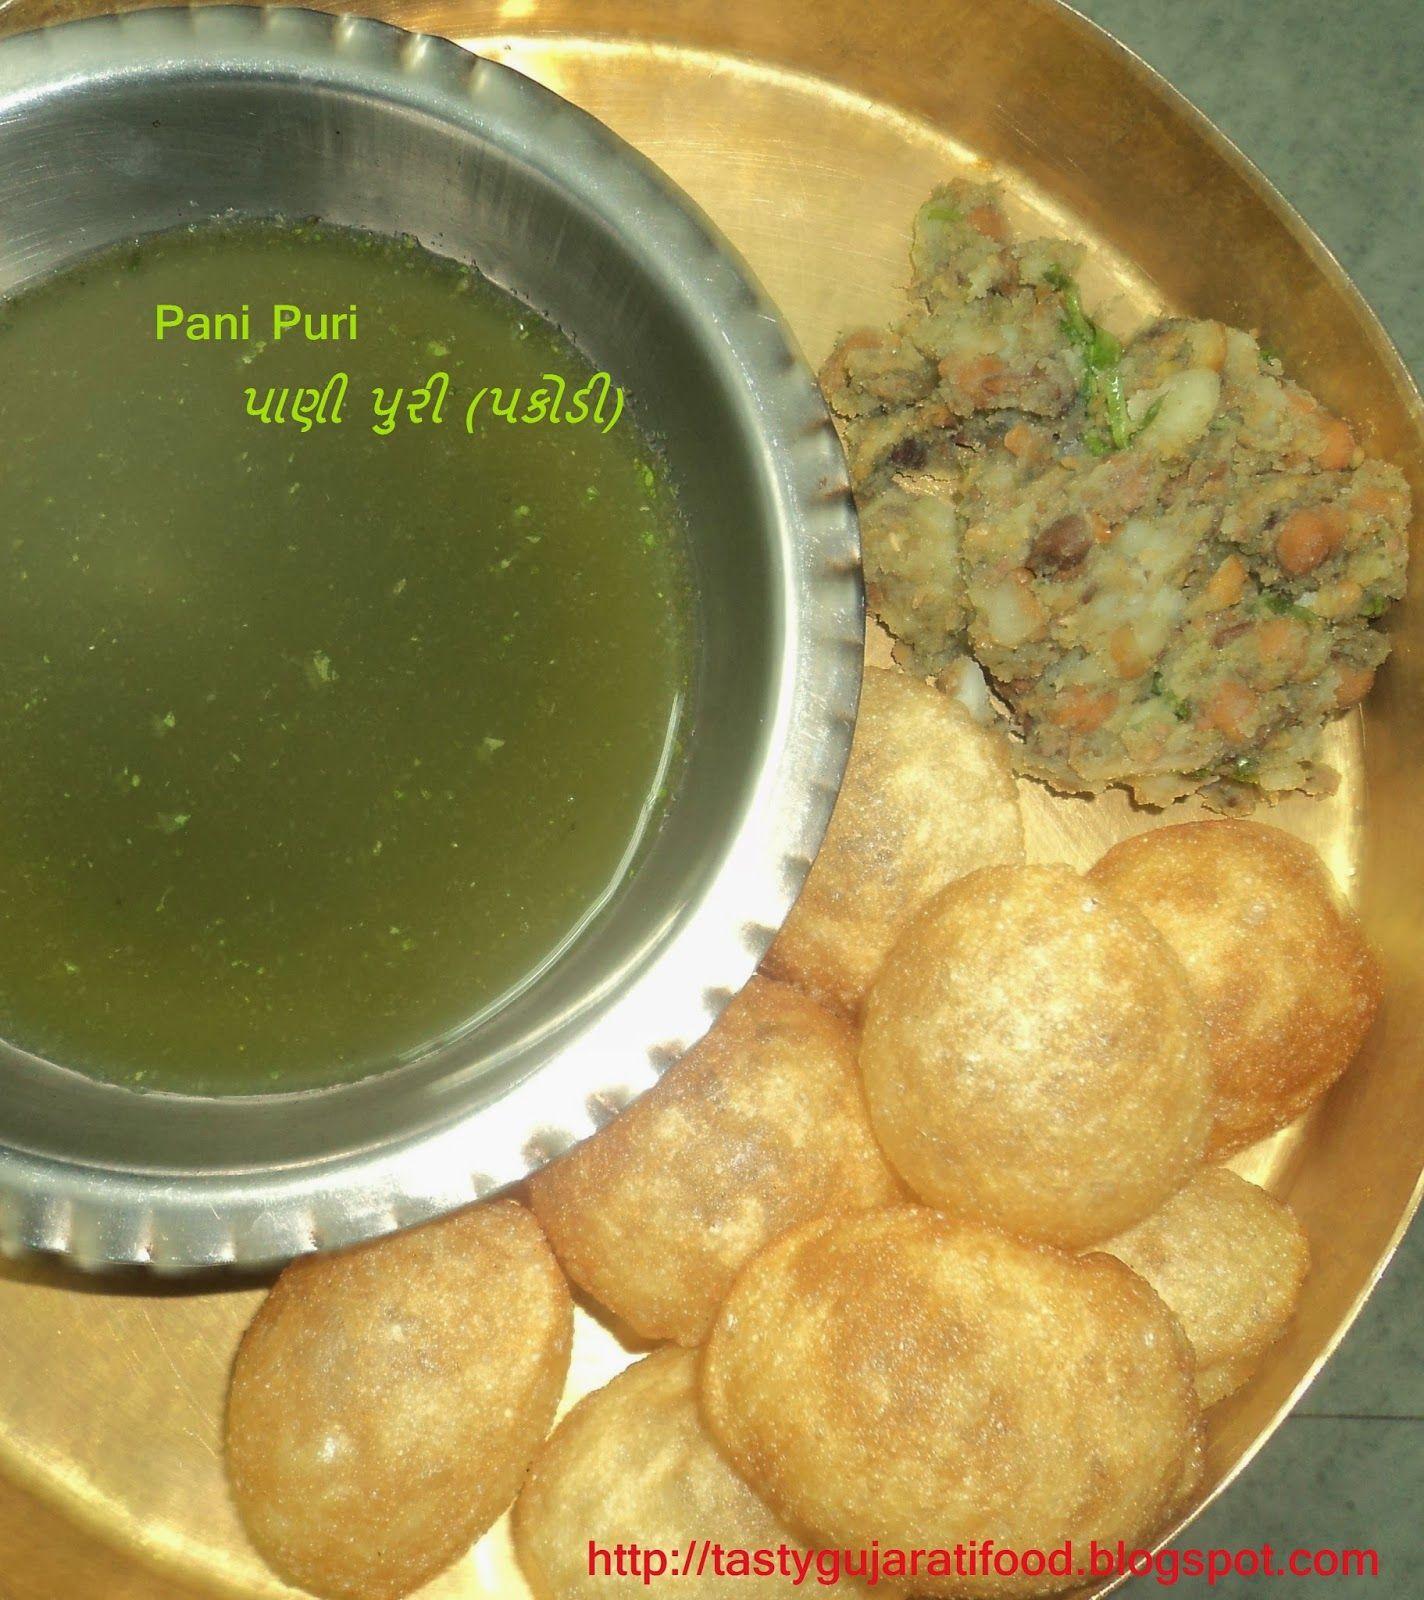 Pani puri pakodi recipe in gujarati language by tasty gujarati food forumfinder Images